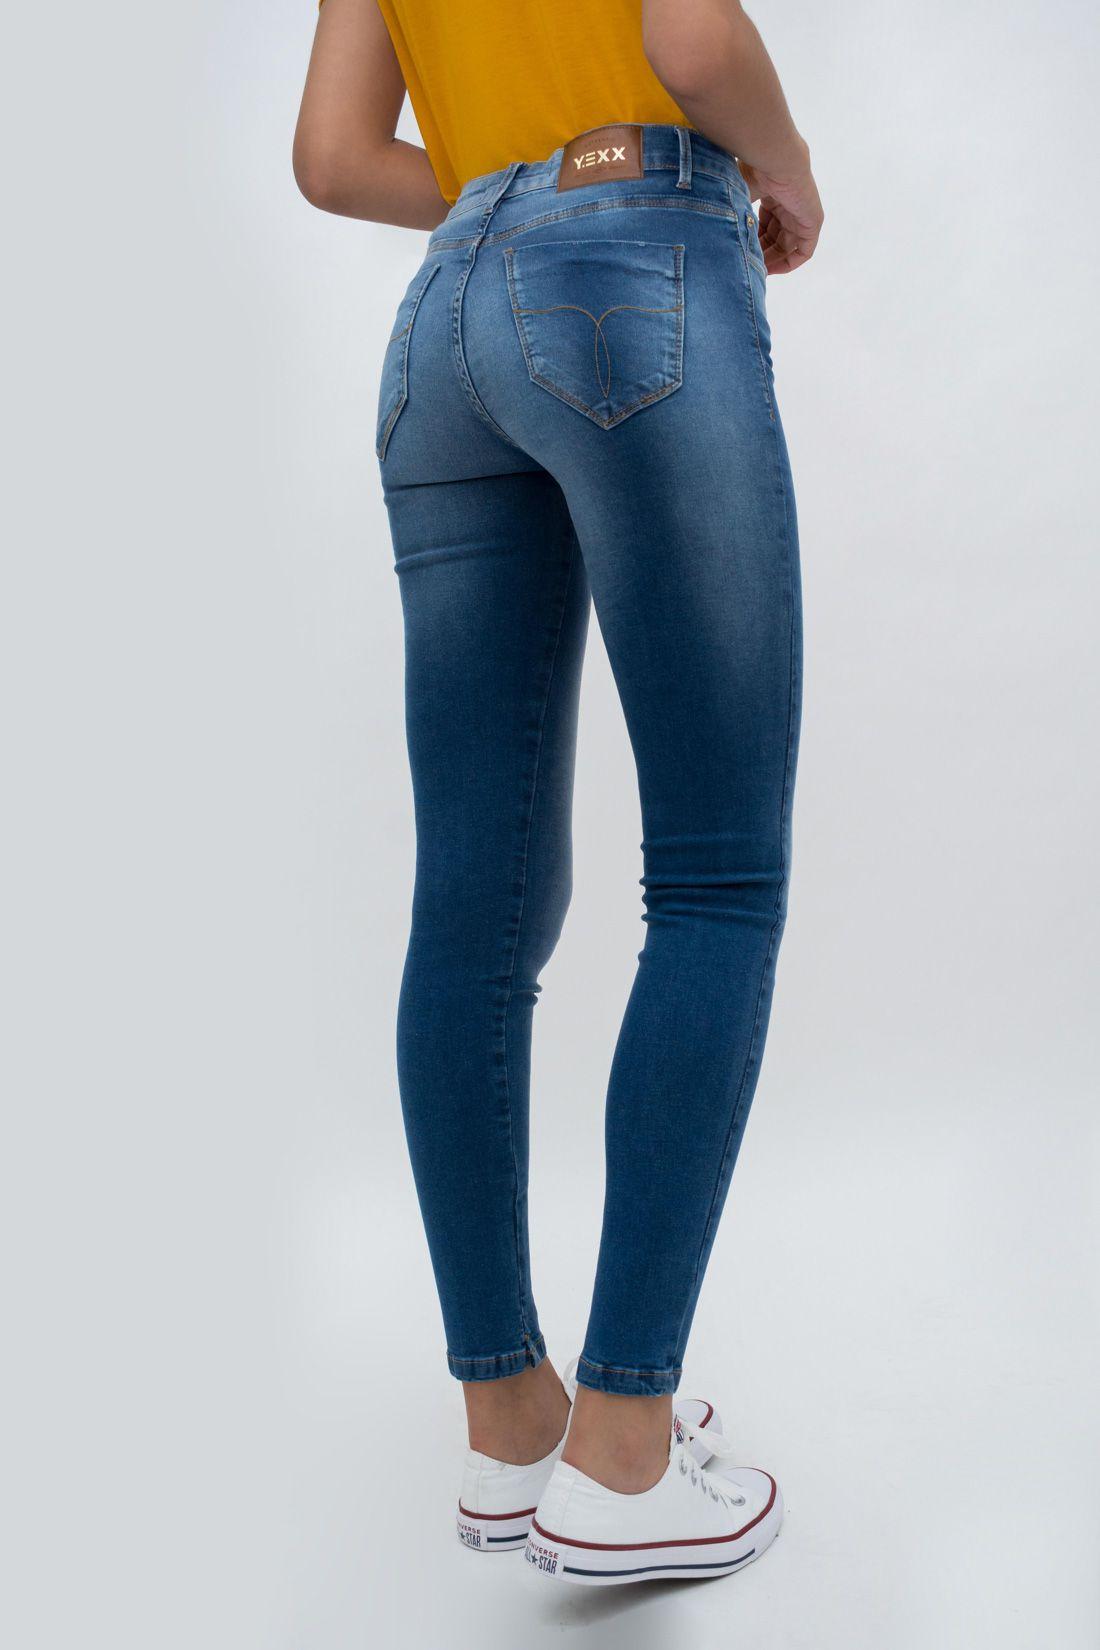 Calca Jeans Yexx Jegging